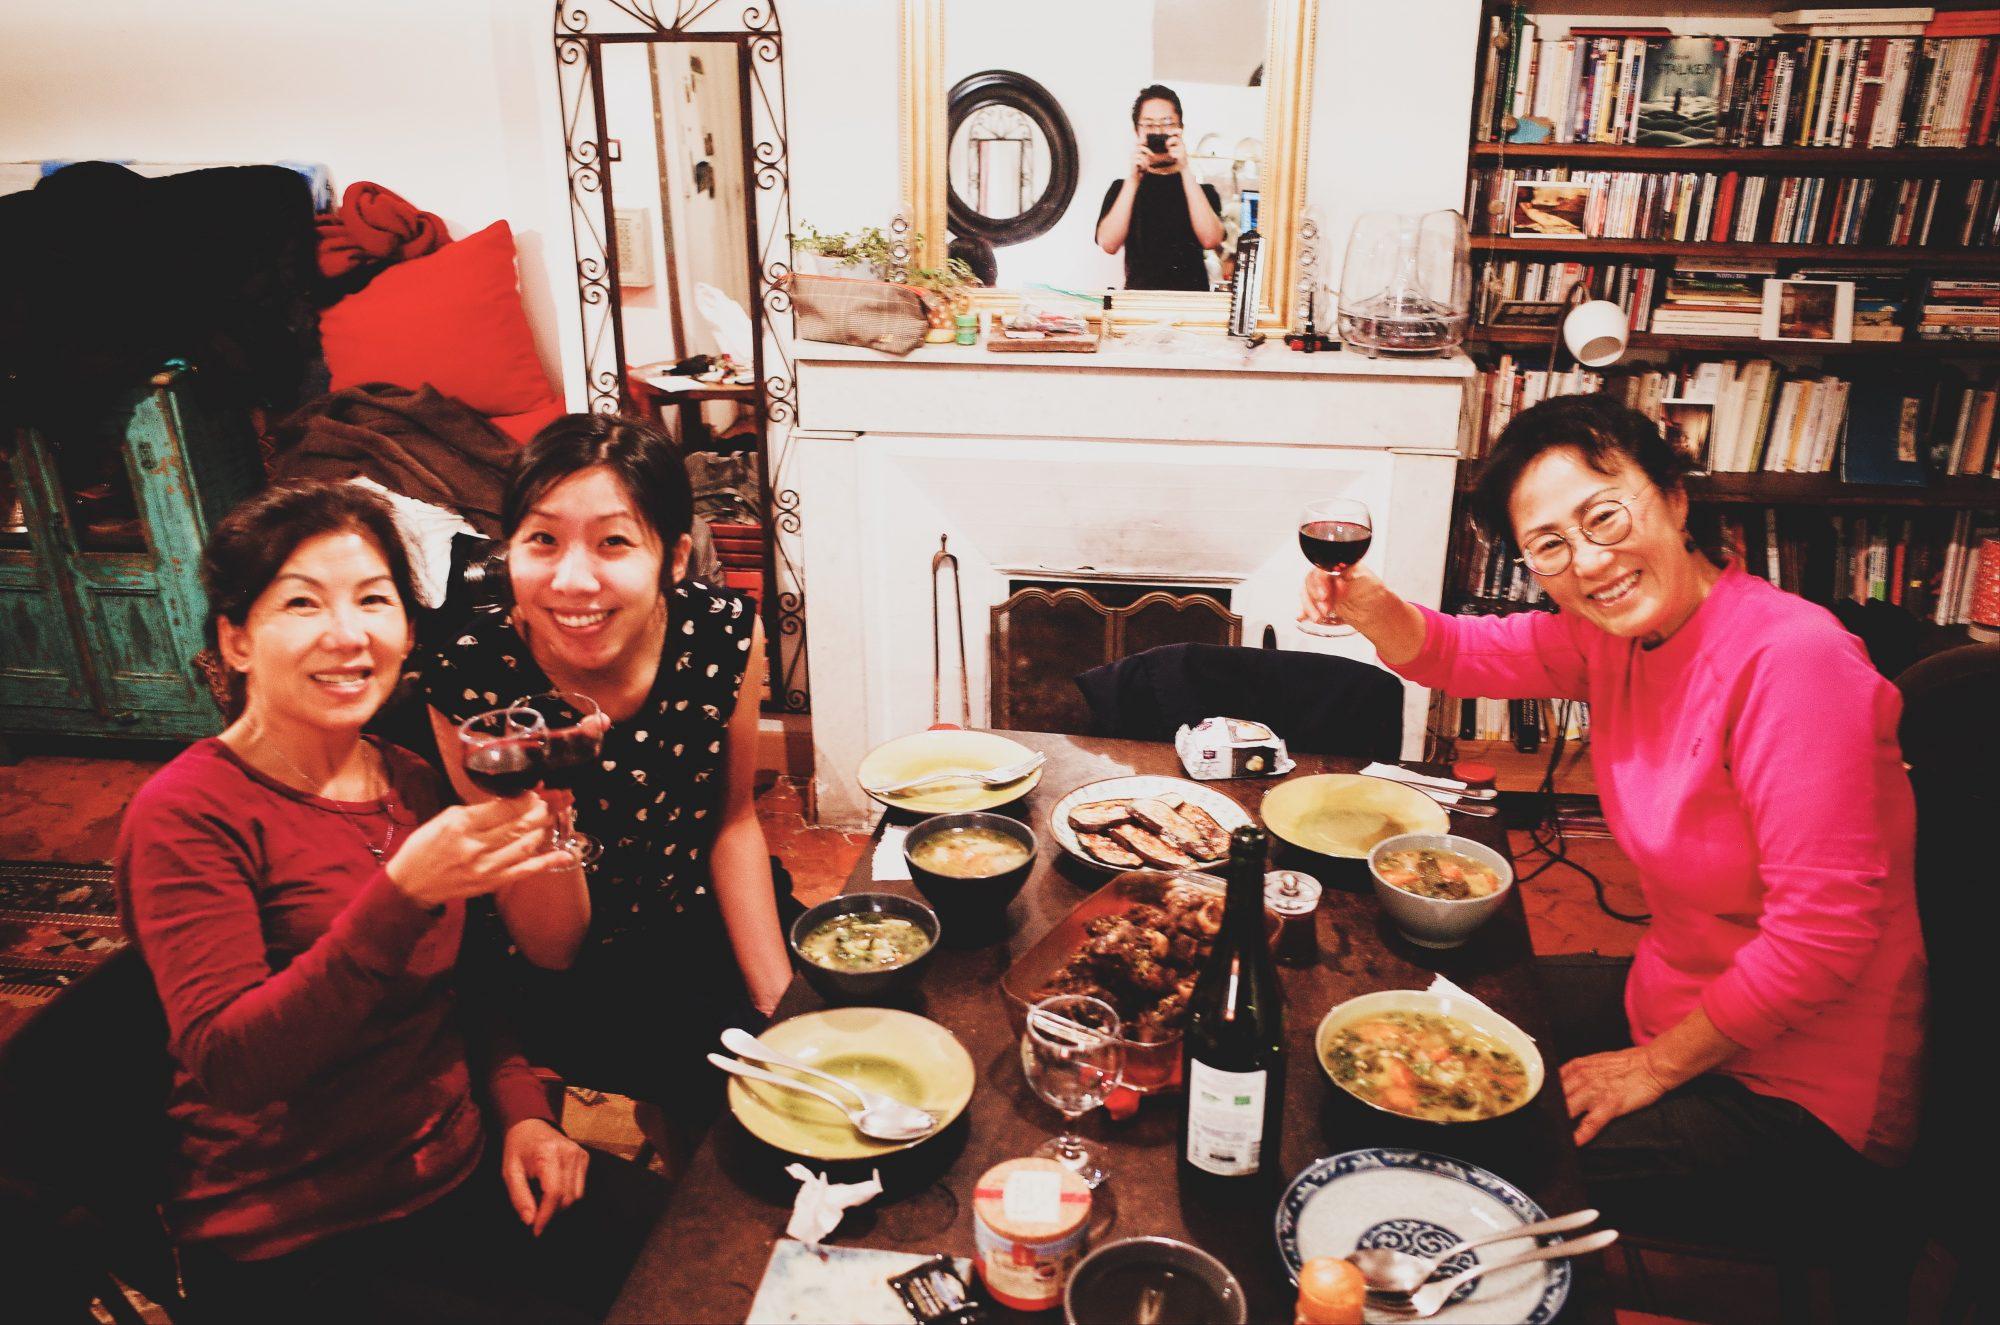 Family eating dinner. Marseille, 2017